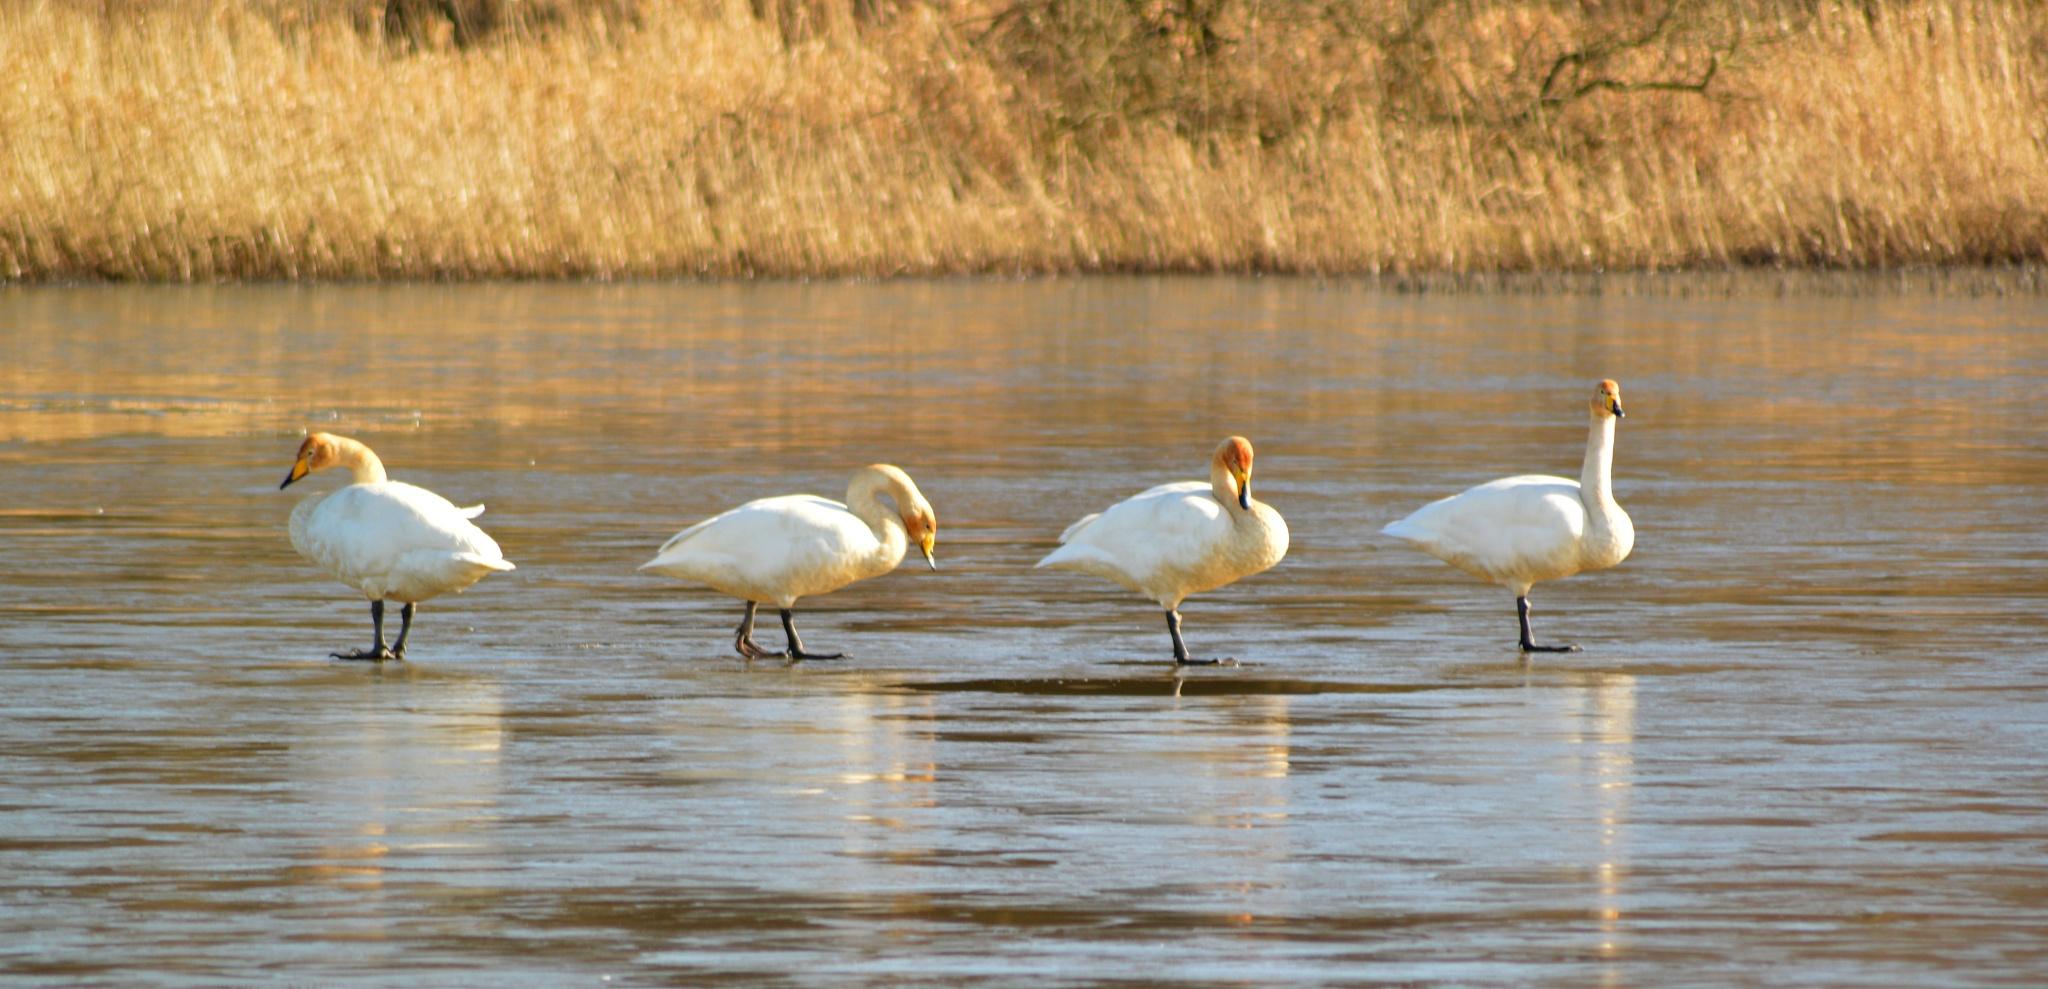 Whooper Swans by linda reid